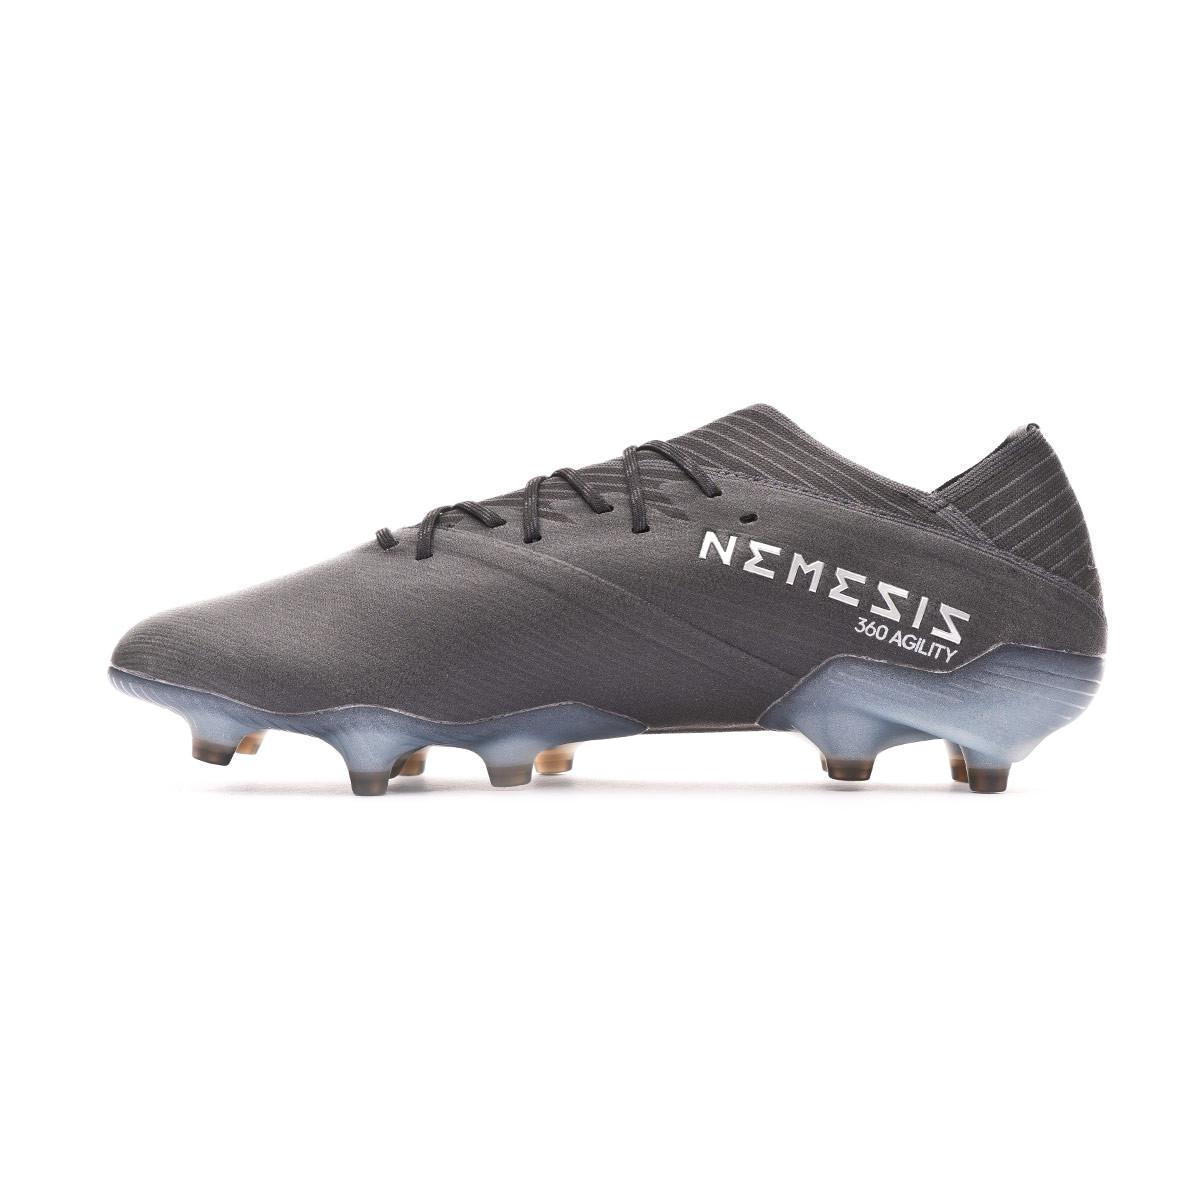 disfrute del envío de cortesía nuevo estilo de 2019 últimas tendencias de 2019 Football Boots adidas Nemeziz 19.1 FG Core black-Solid grey ...